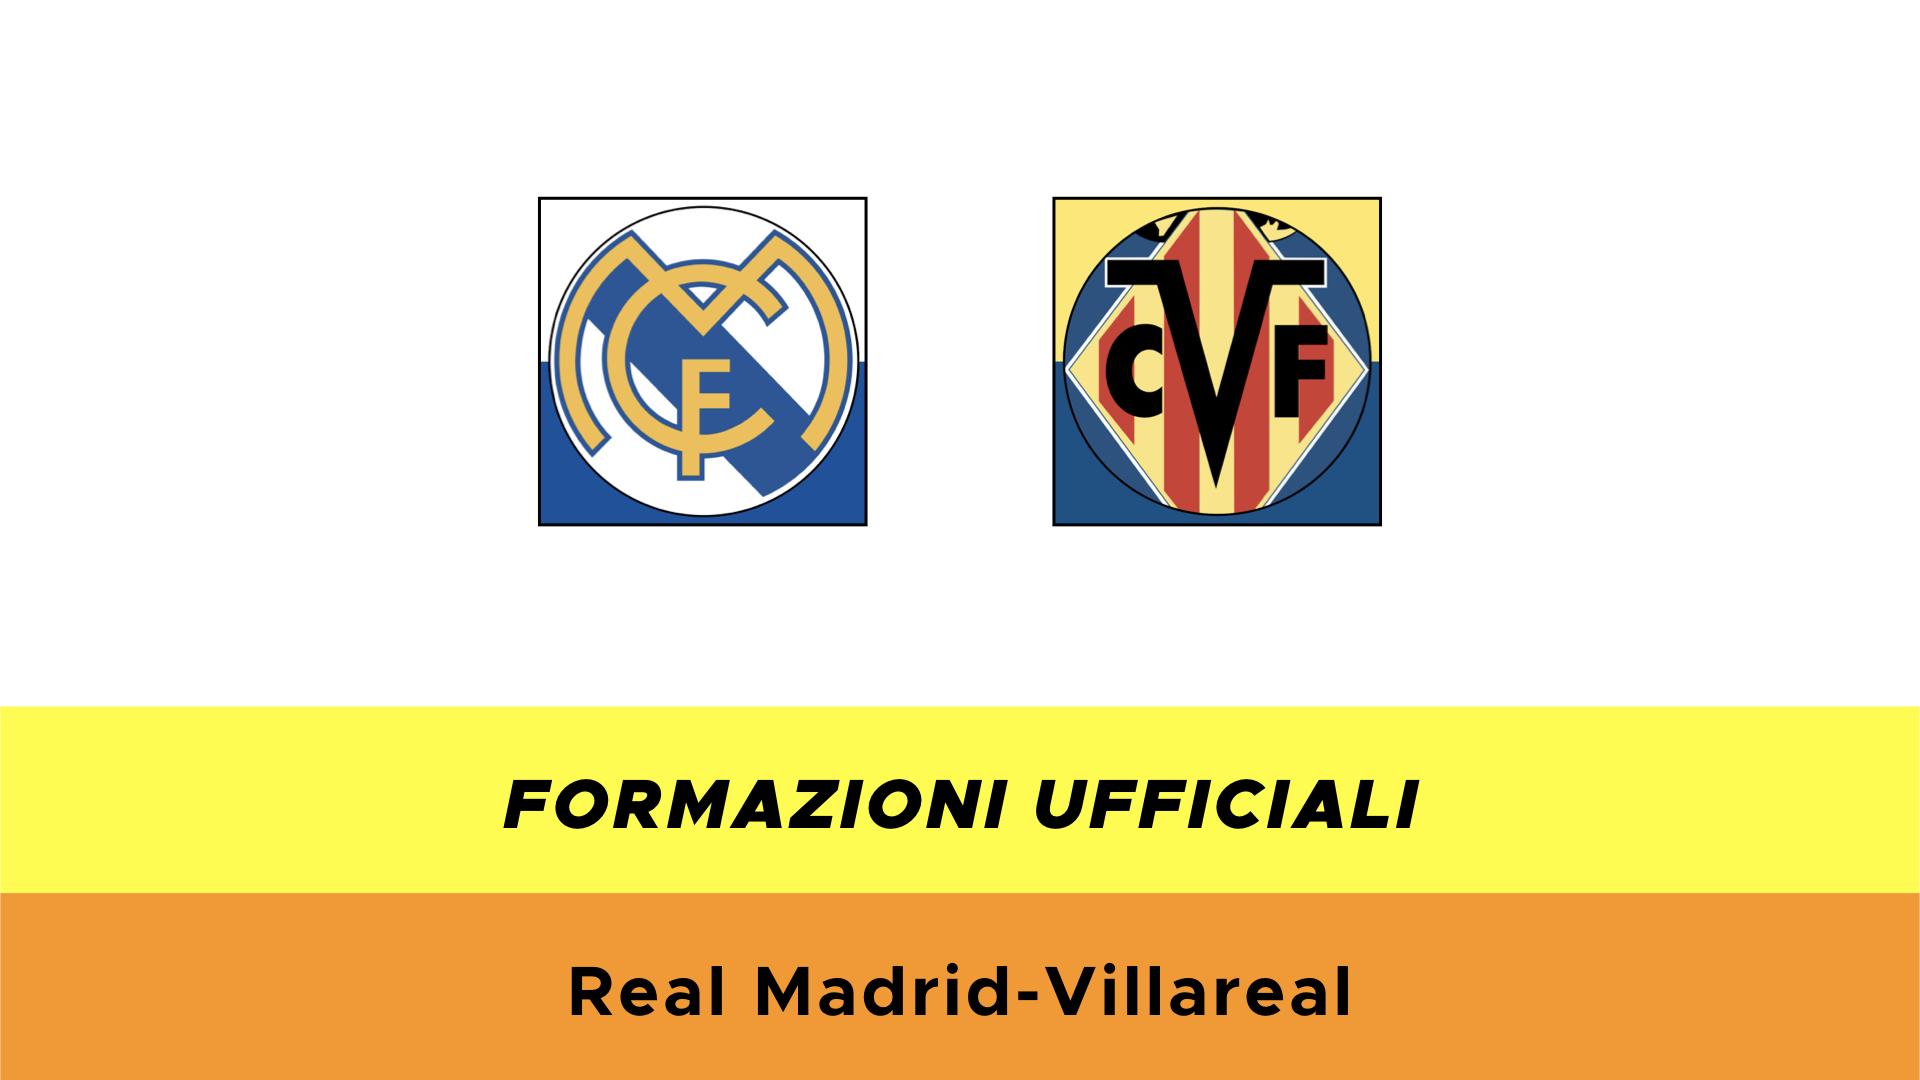 Real Madrid-Villarreal: formazioni ufficiali, quote e dove vederla in TV